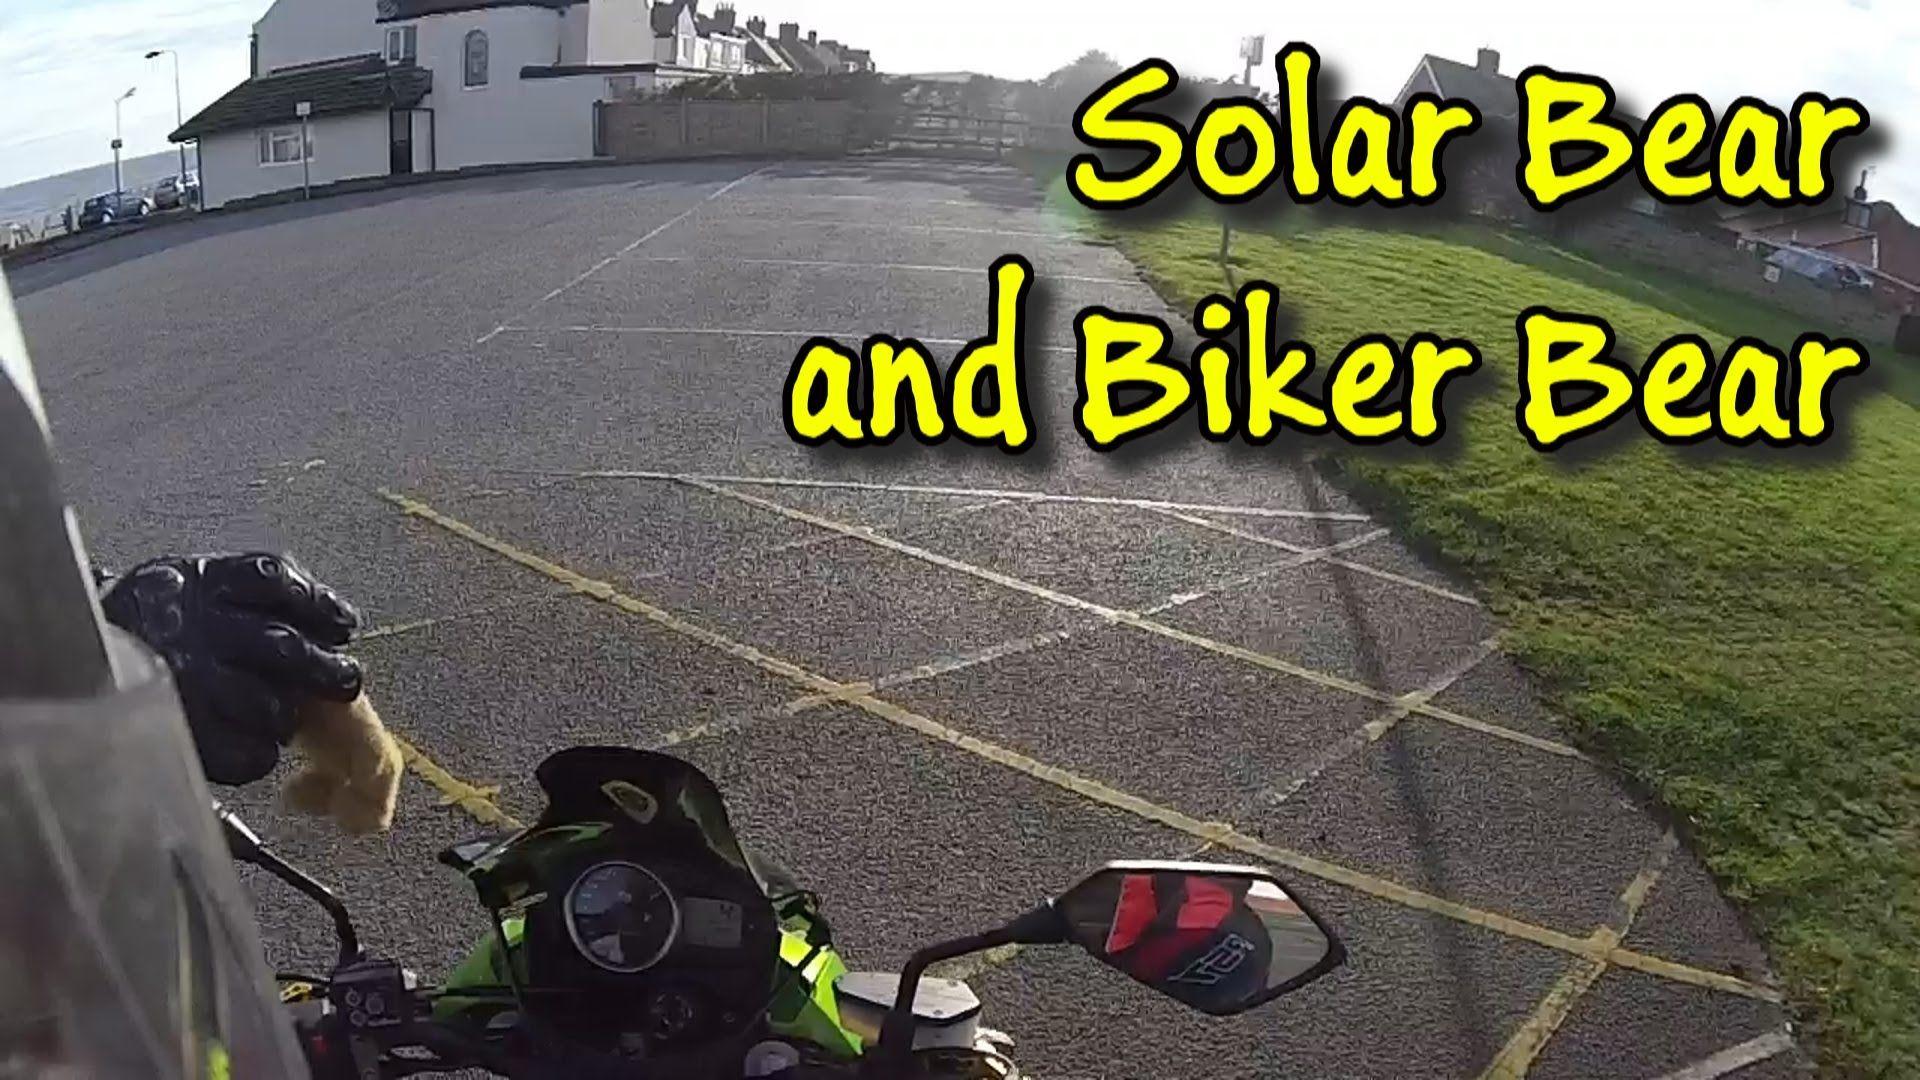 Solar Bear and Biker Bear